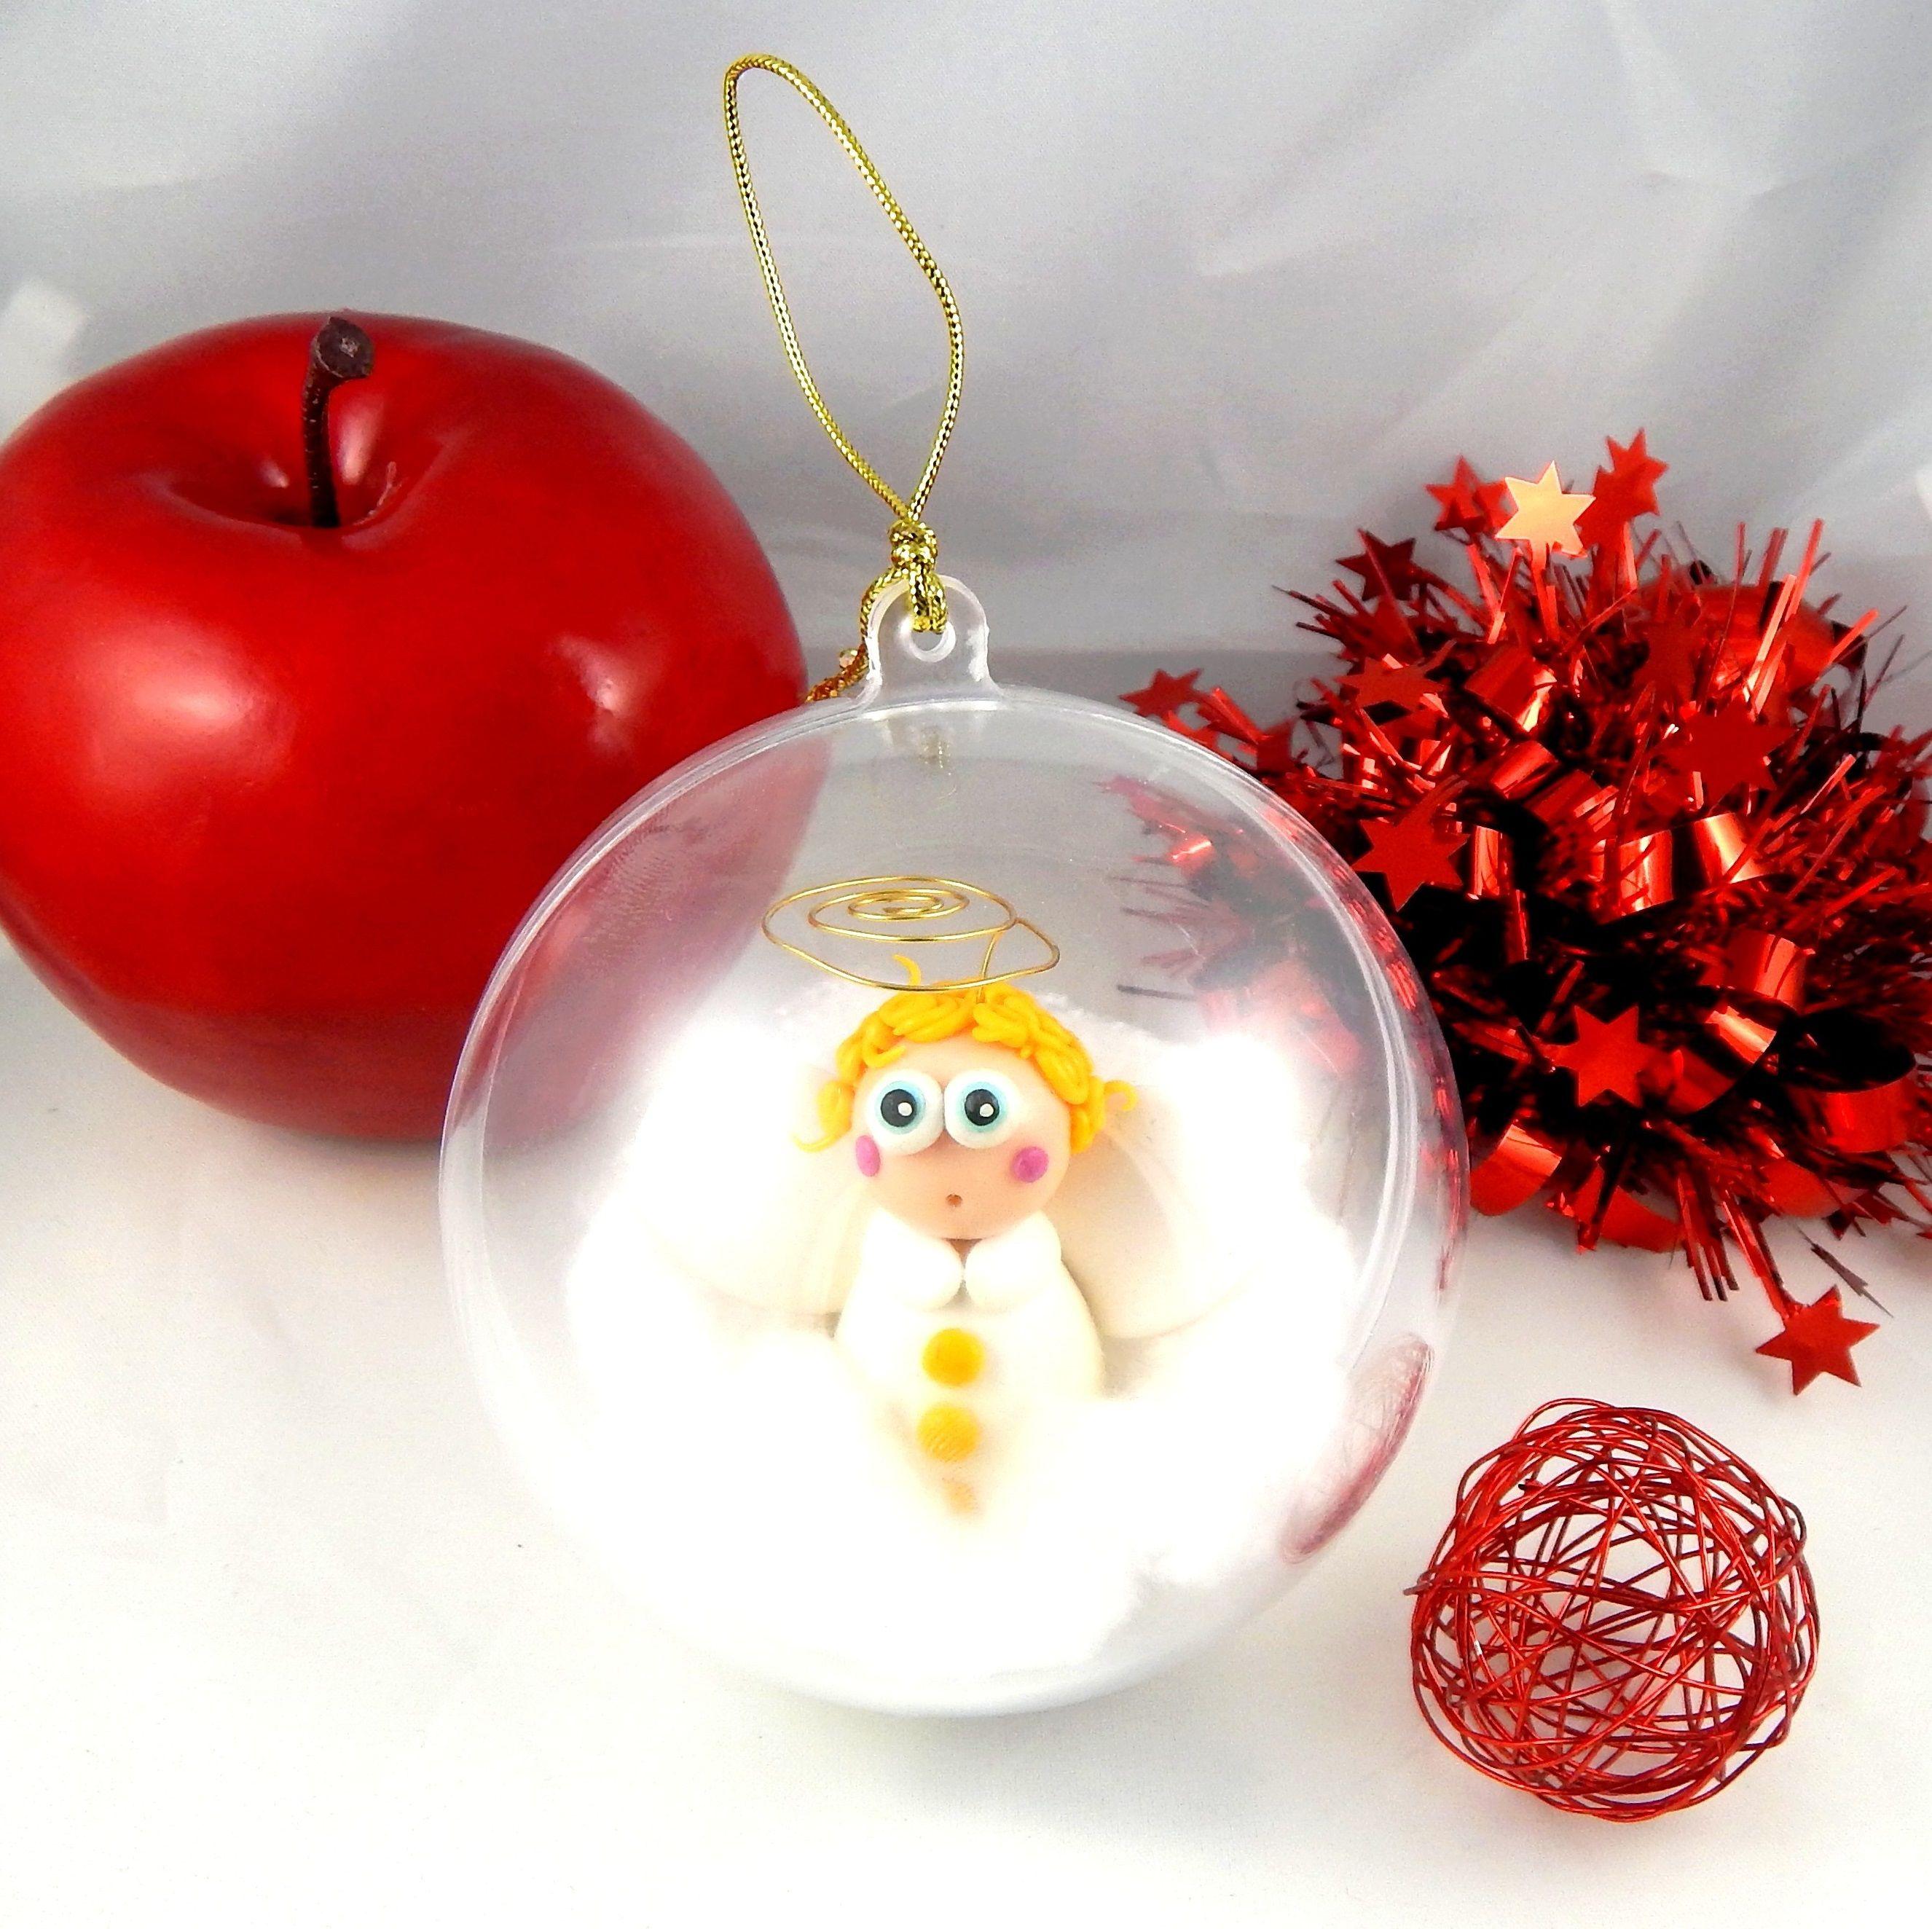 Boule De Noel Transparente A Decorer boule de noël transparente en plastique pour décorer le